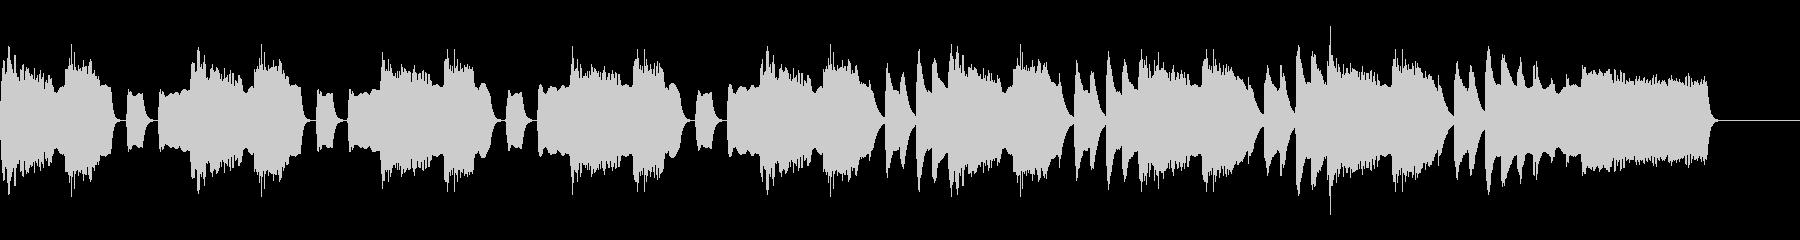 アコーディオンとマリンバの不思議な曲の未再生の波形